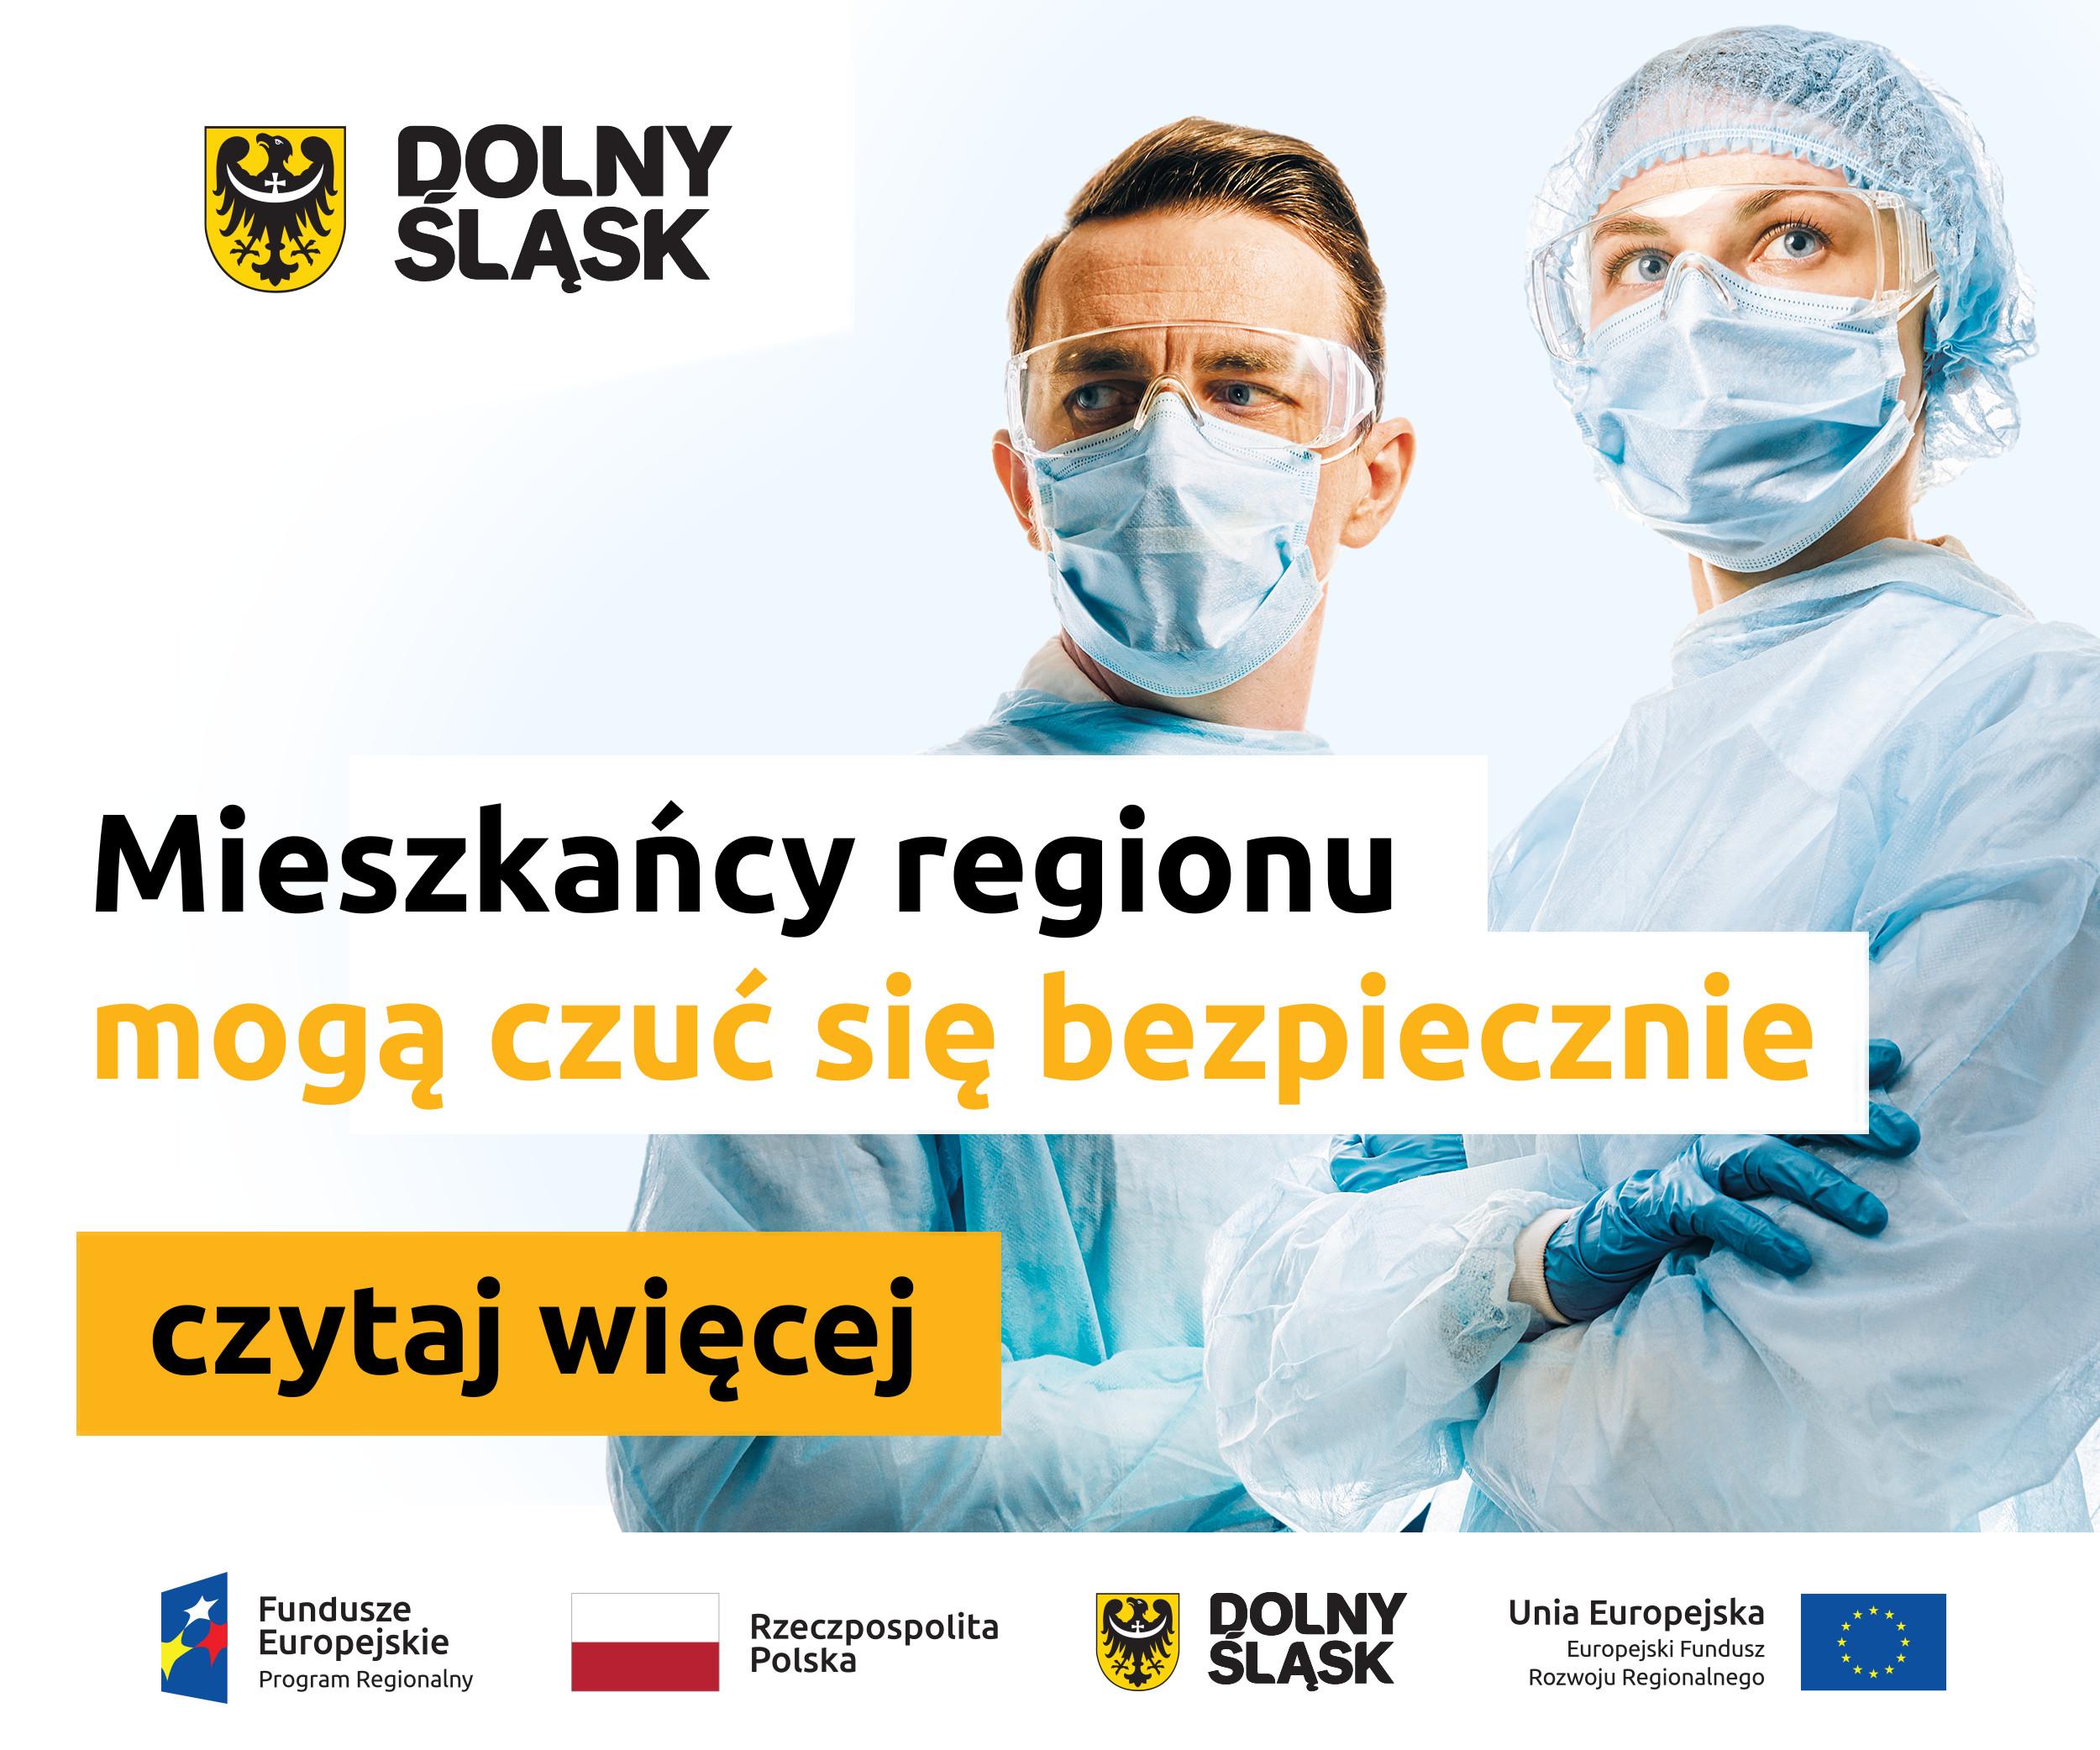 Dolny Śląsk: Mieszkańcy regionu mogą czuć się bezpiecznie  - Zdjęcie główne